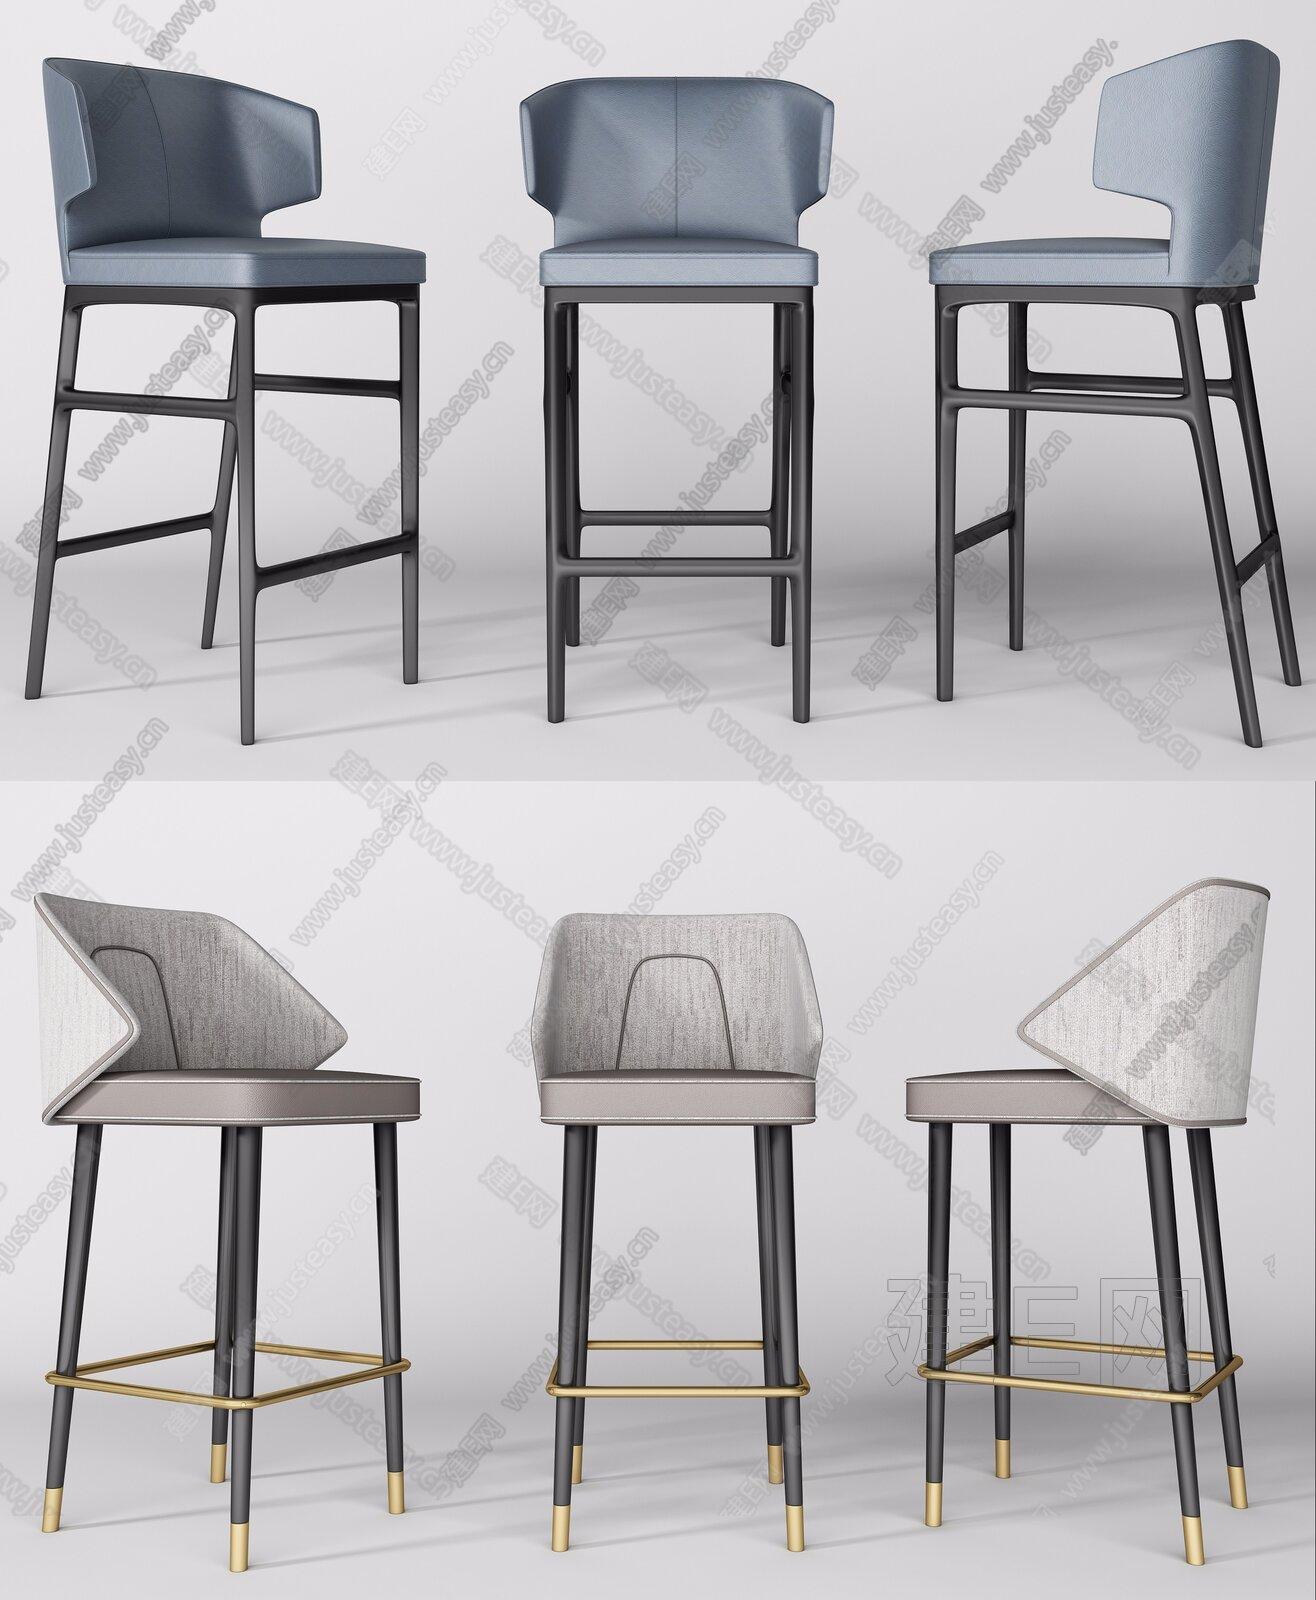 现代吧椅组合3d模型